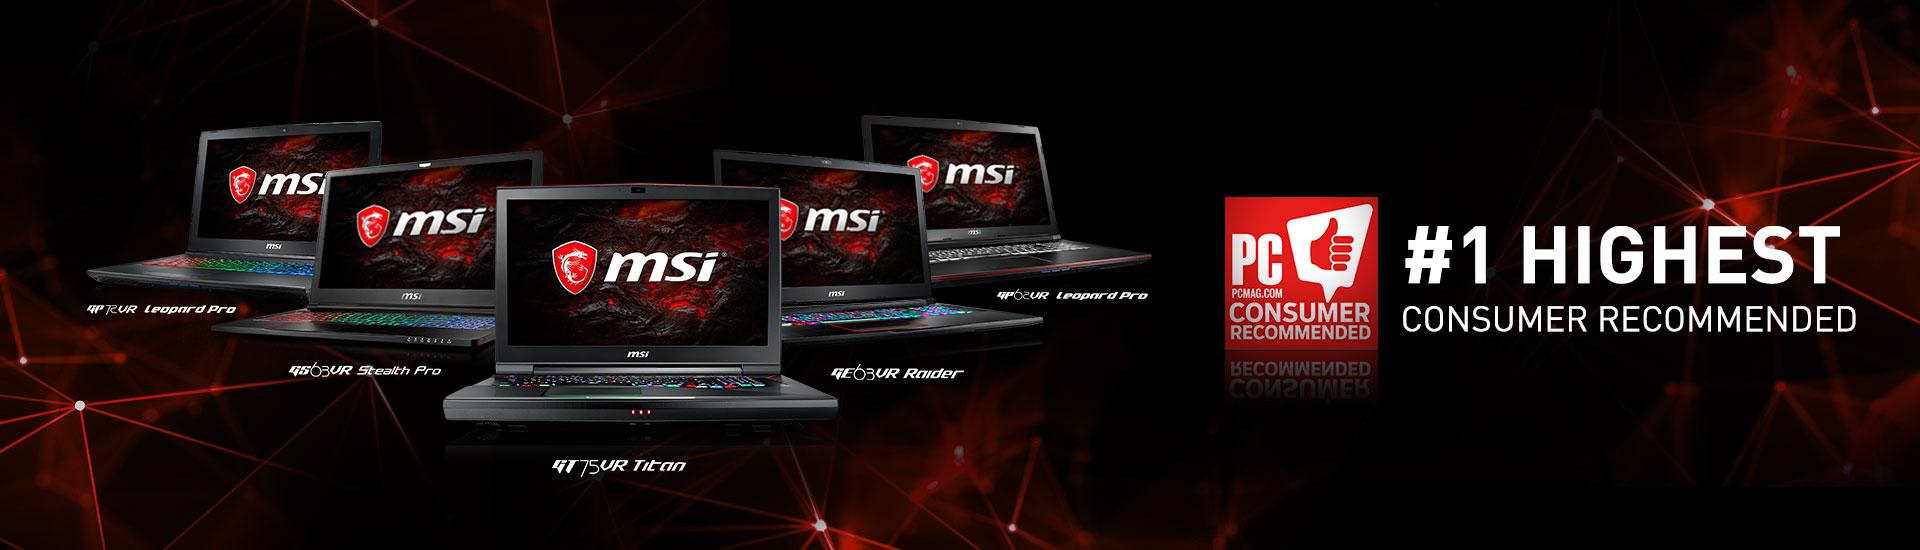 PC MAG Award